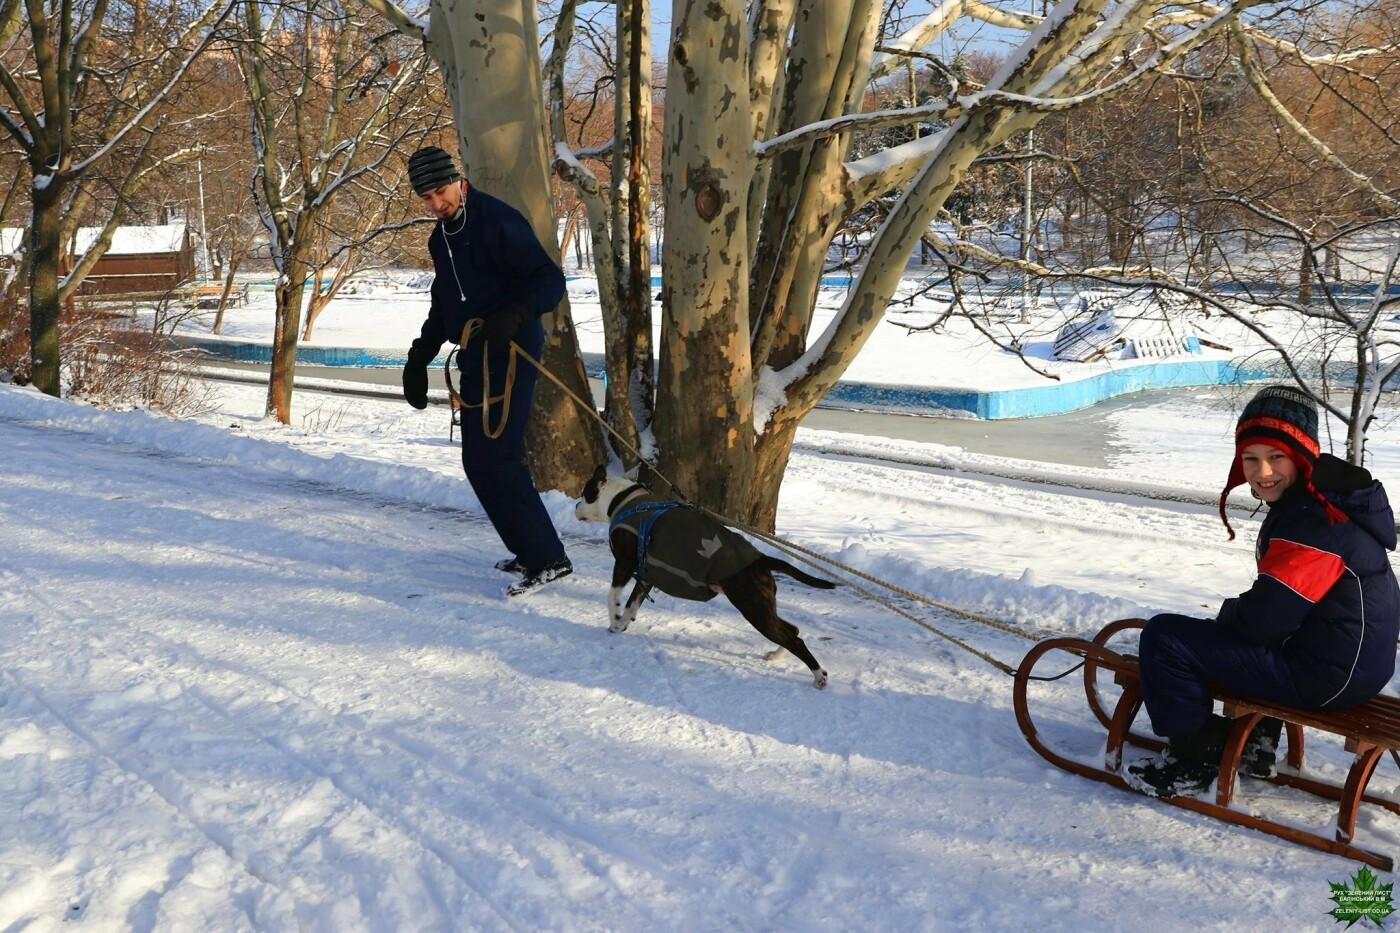 Одессит показал зиму в парке Победы, - ФОТО, фото-8, Фото: Владислав Балинский